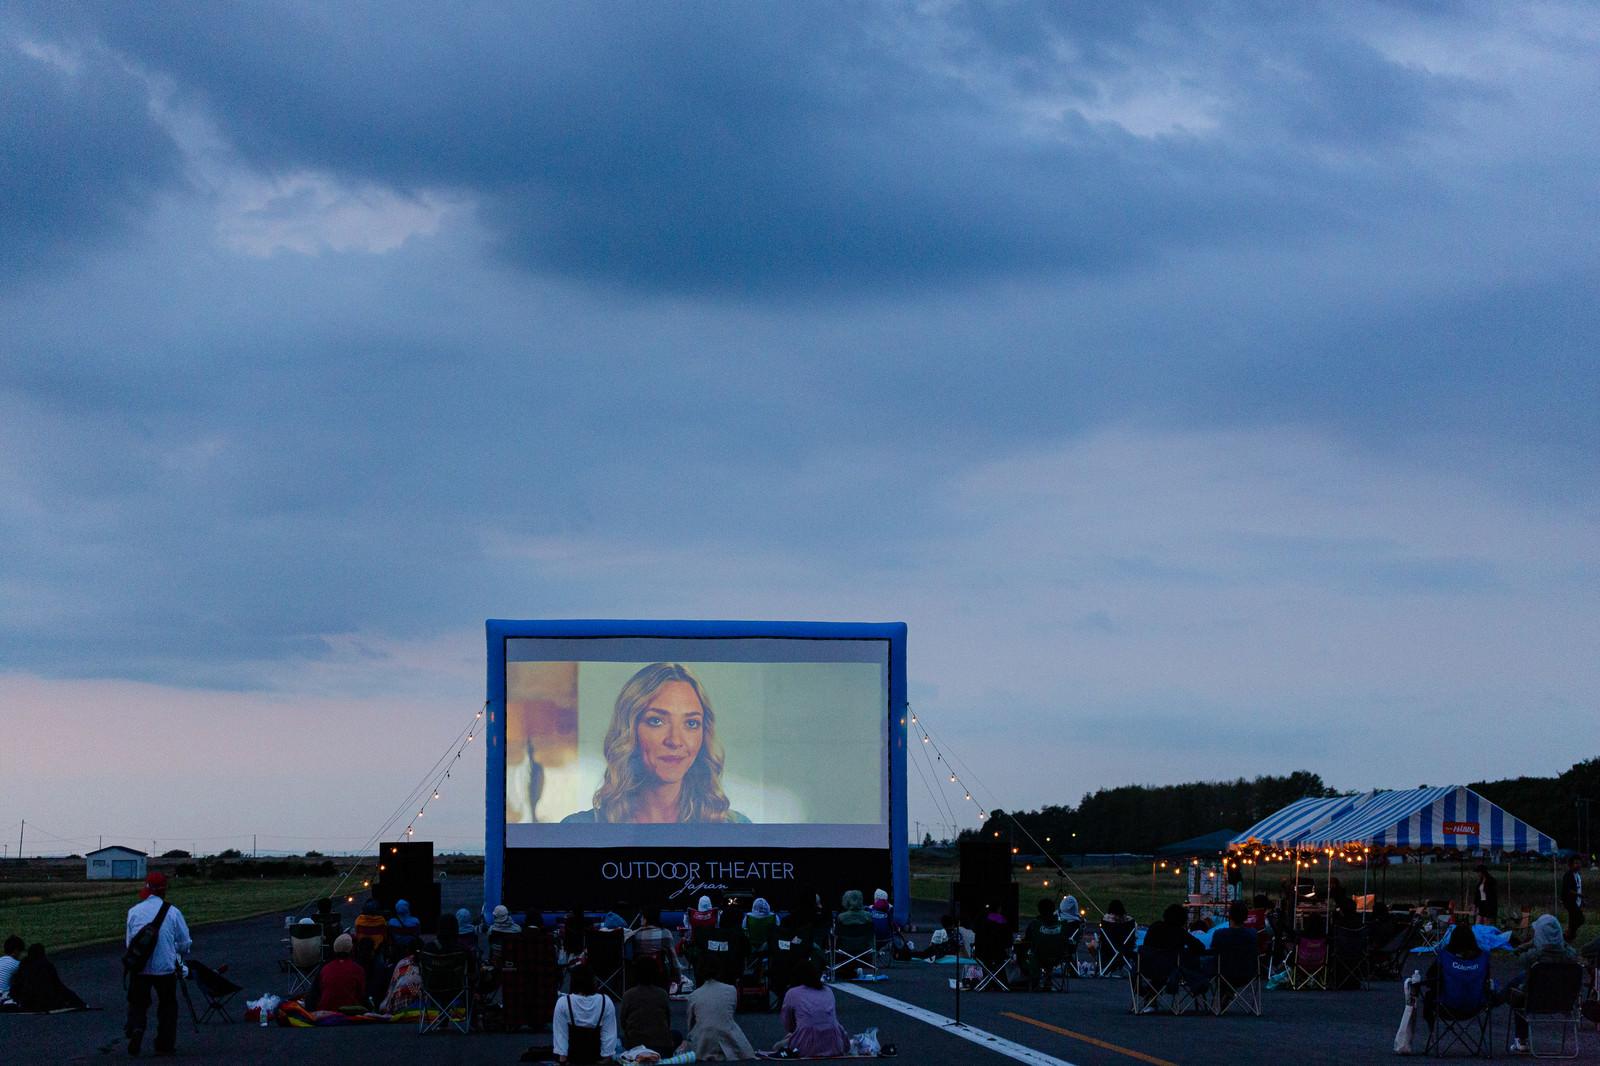 「美唄(びばい)市で野外シネマの上映イベントの様子」の写真